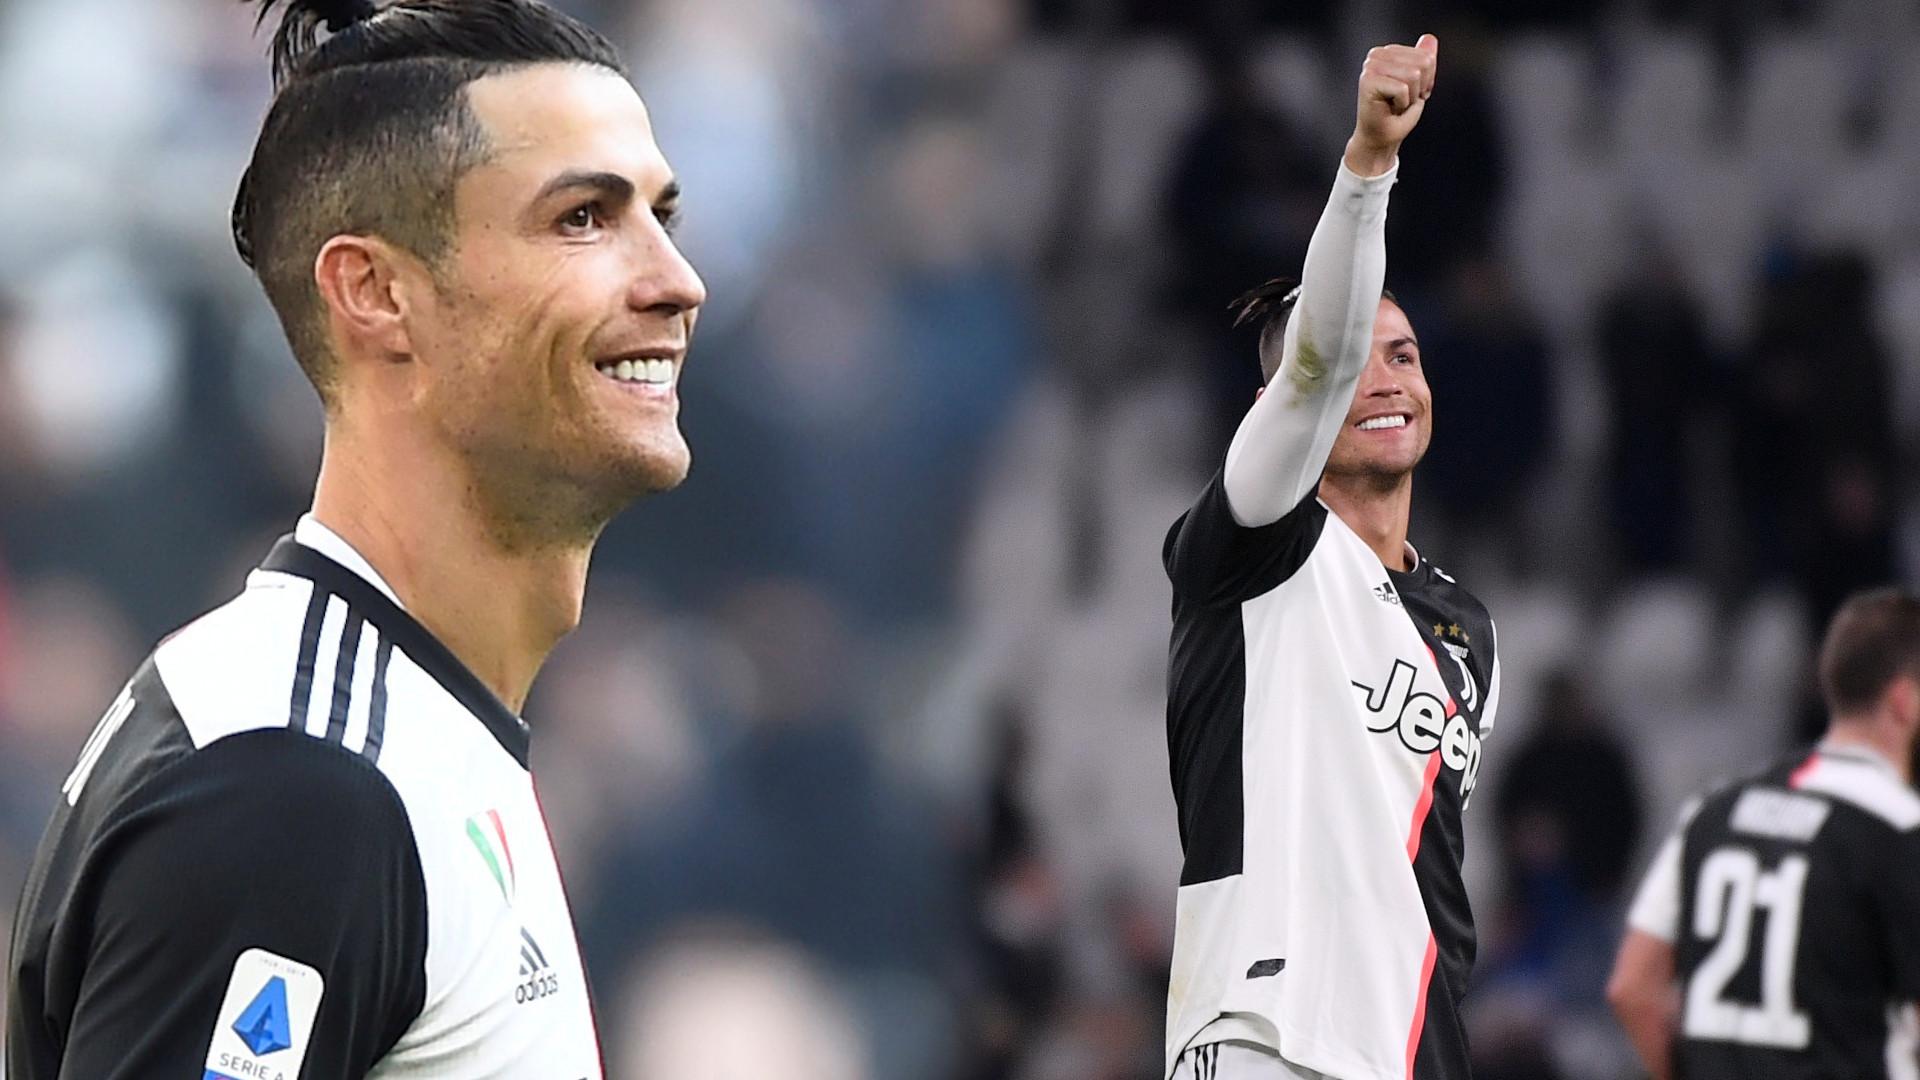 Cristiano Ronaldo pierwszym piłkarskim MILIARDEREM. Zarabia nie tylko na sporcie